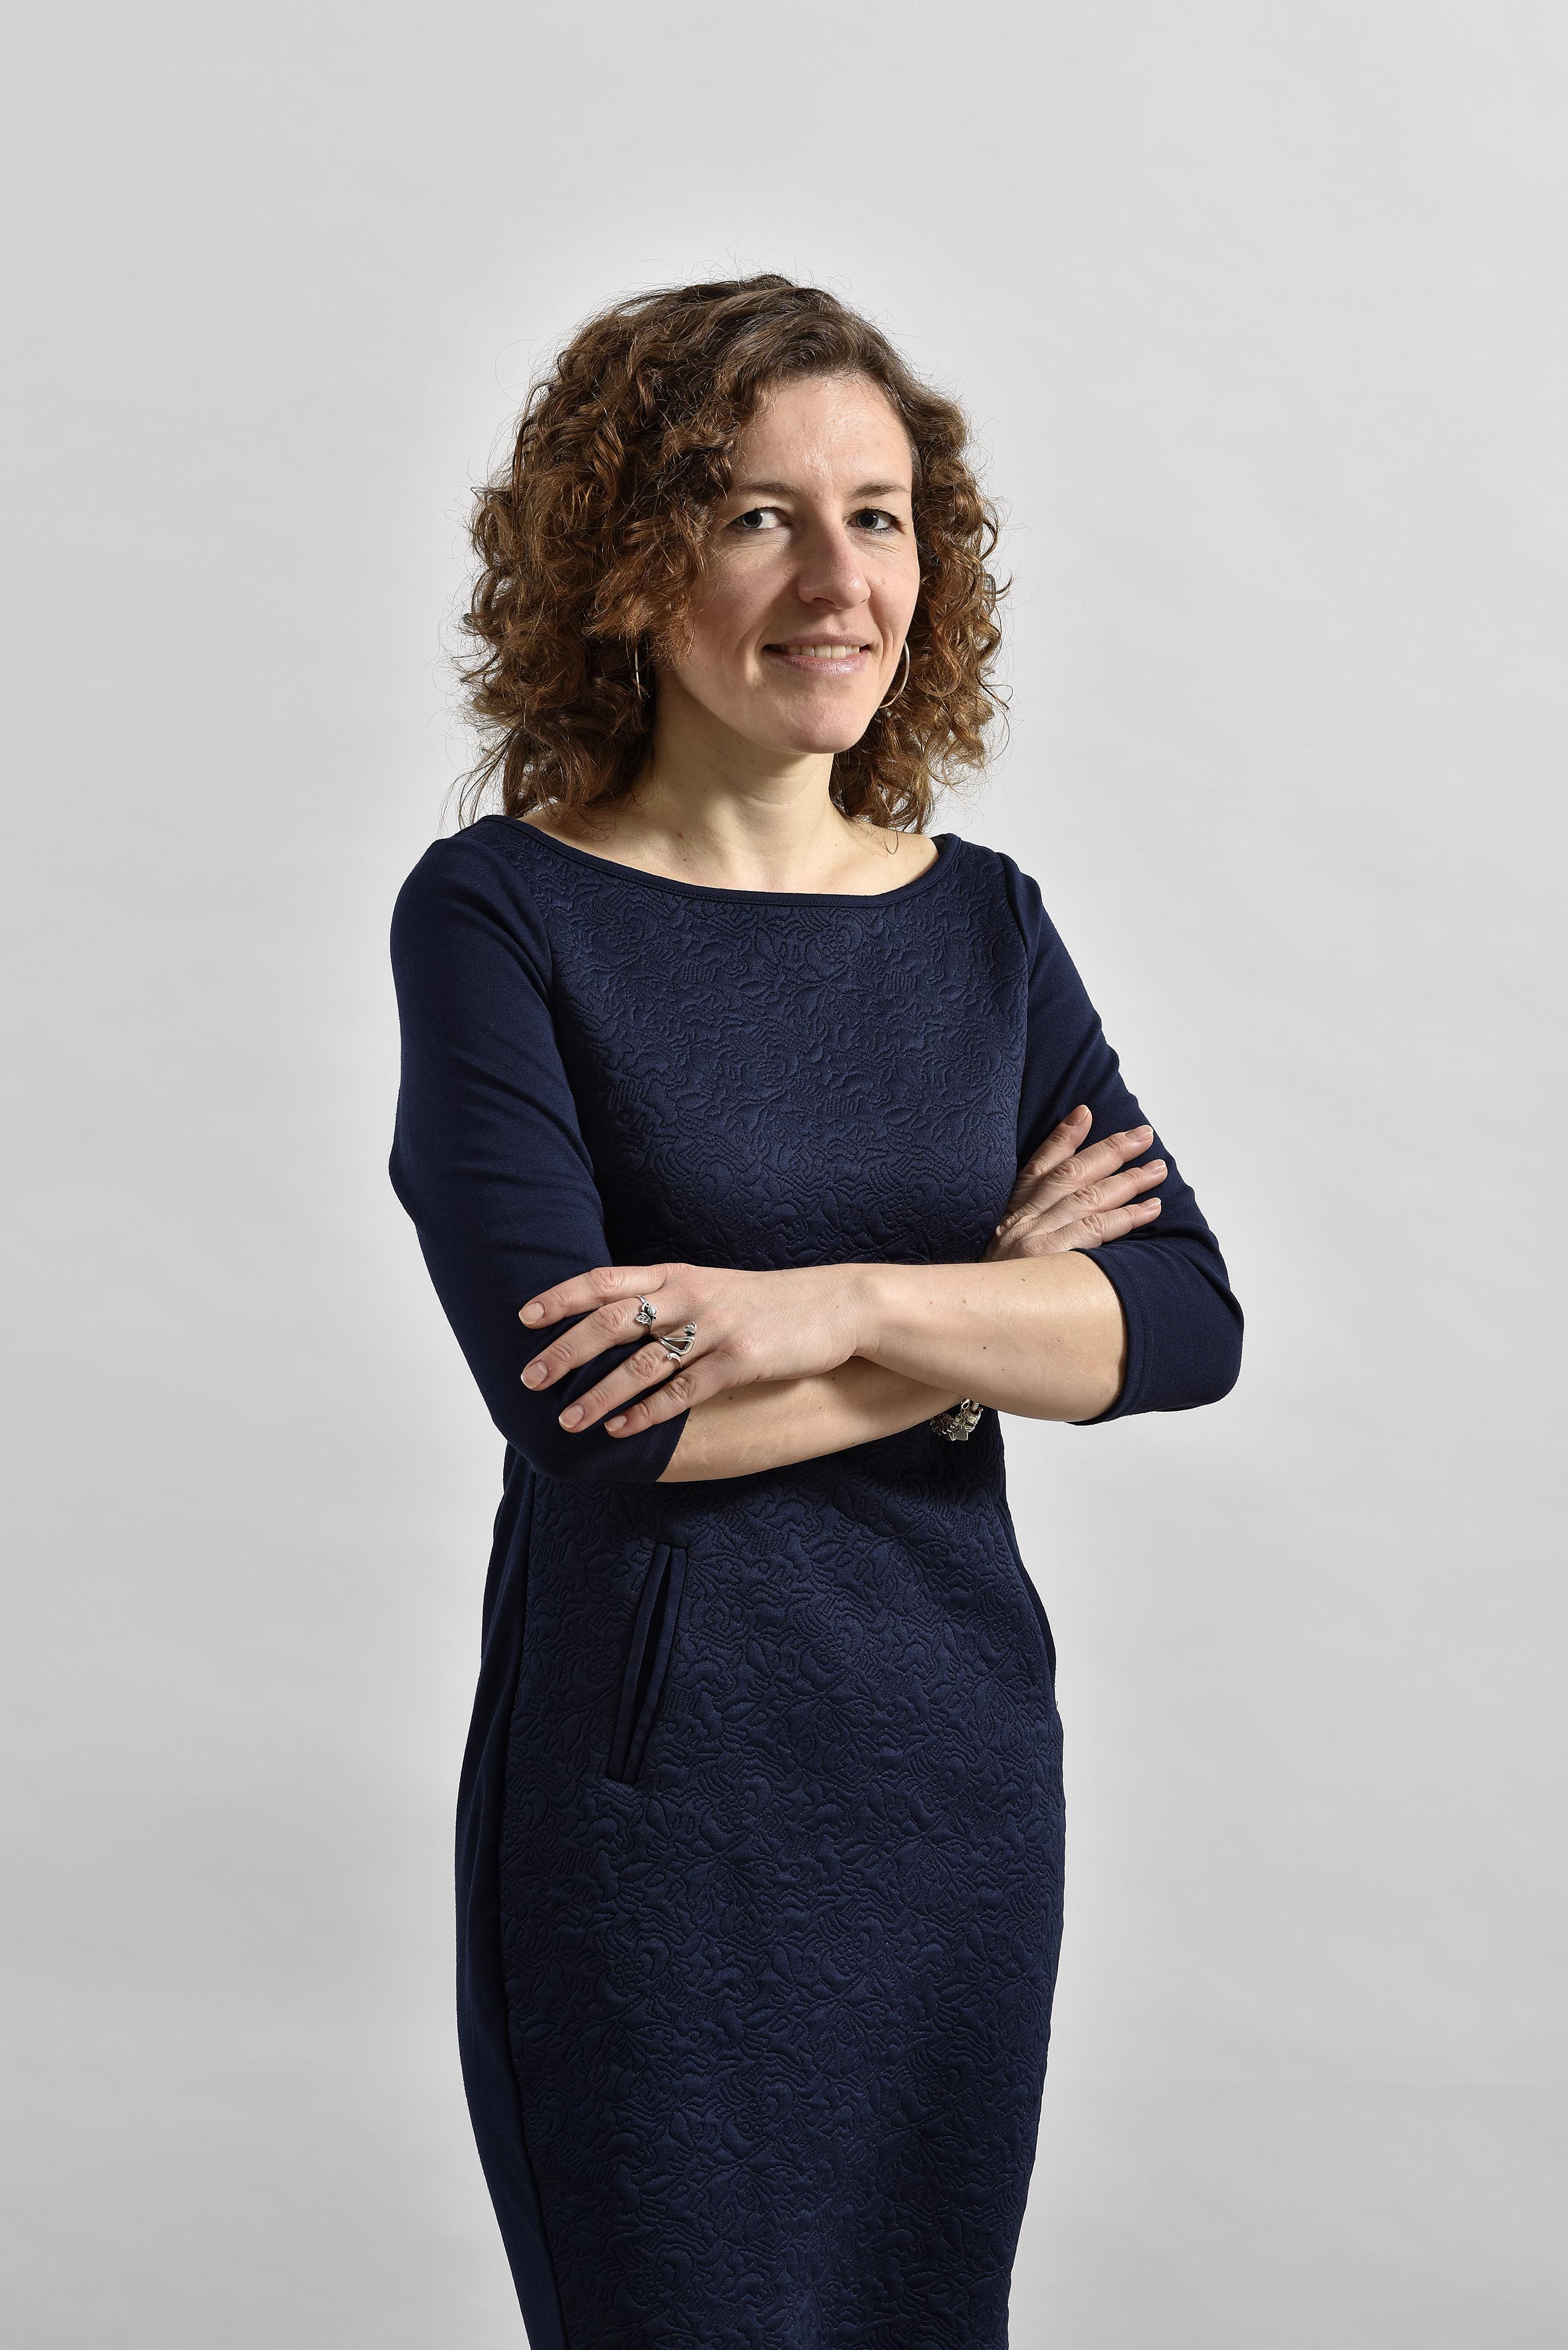 Olga Shishova